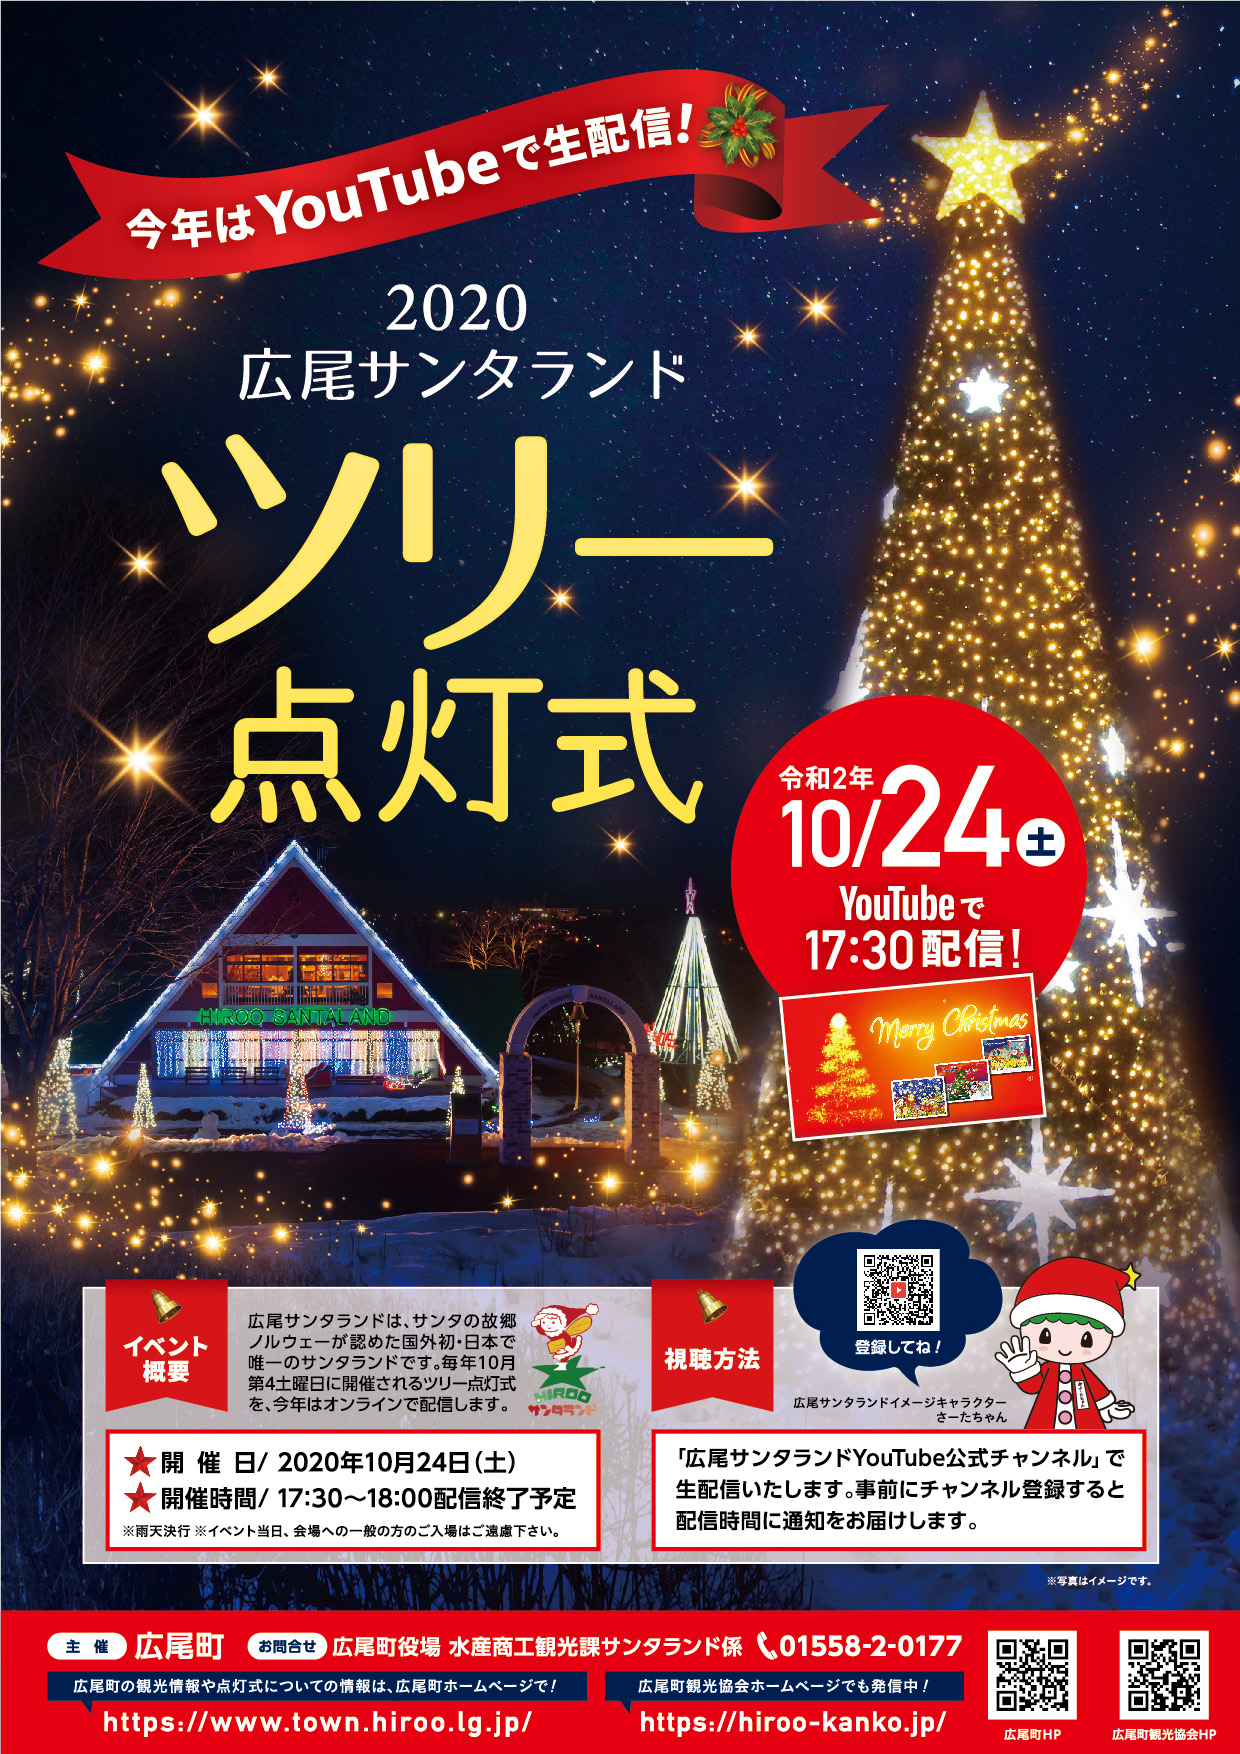 【2020広尾サンタランド】生配信オンライン点灯式!